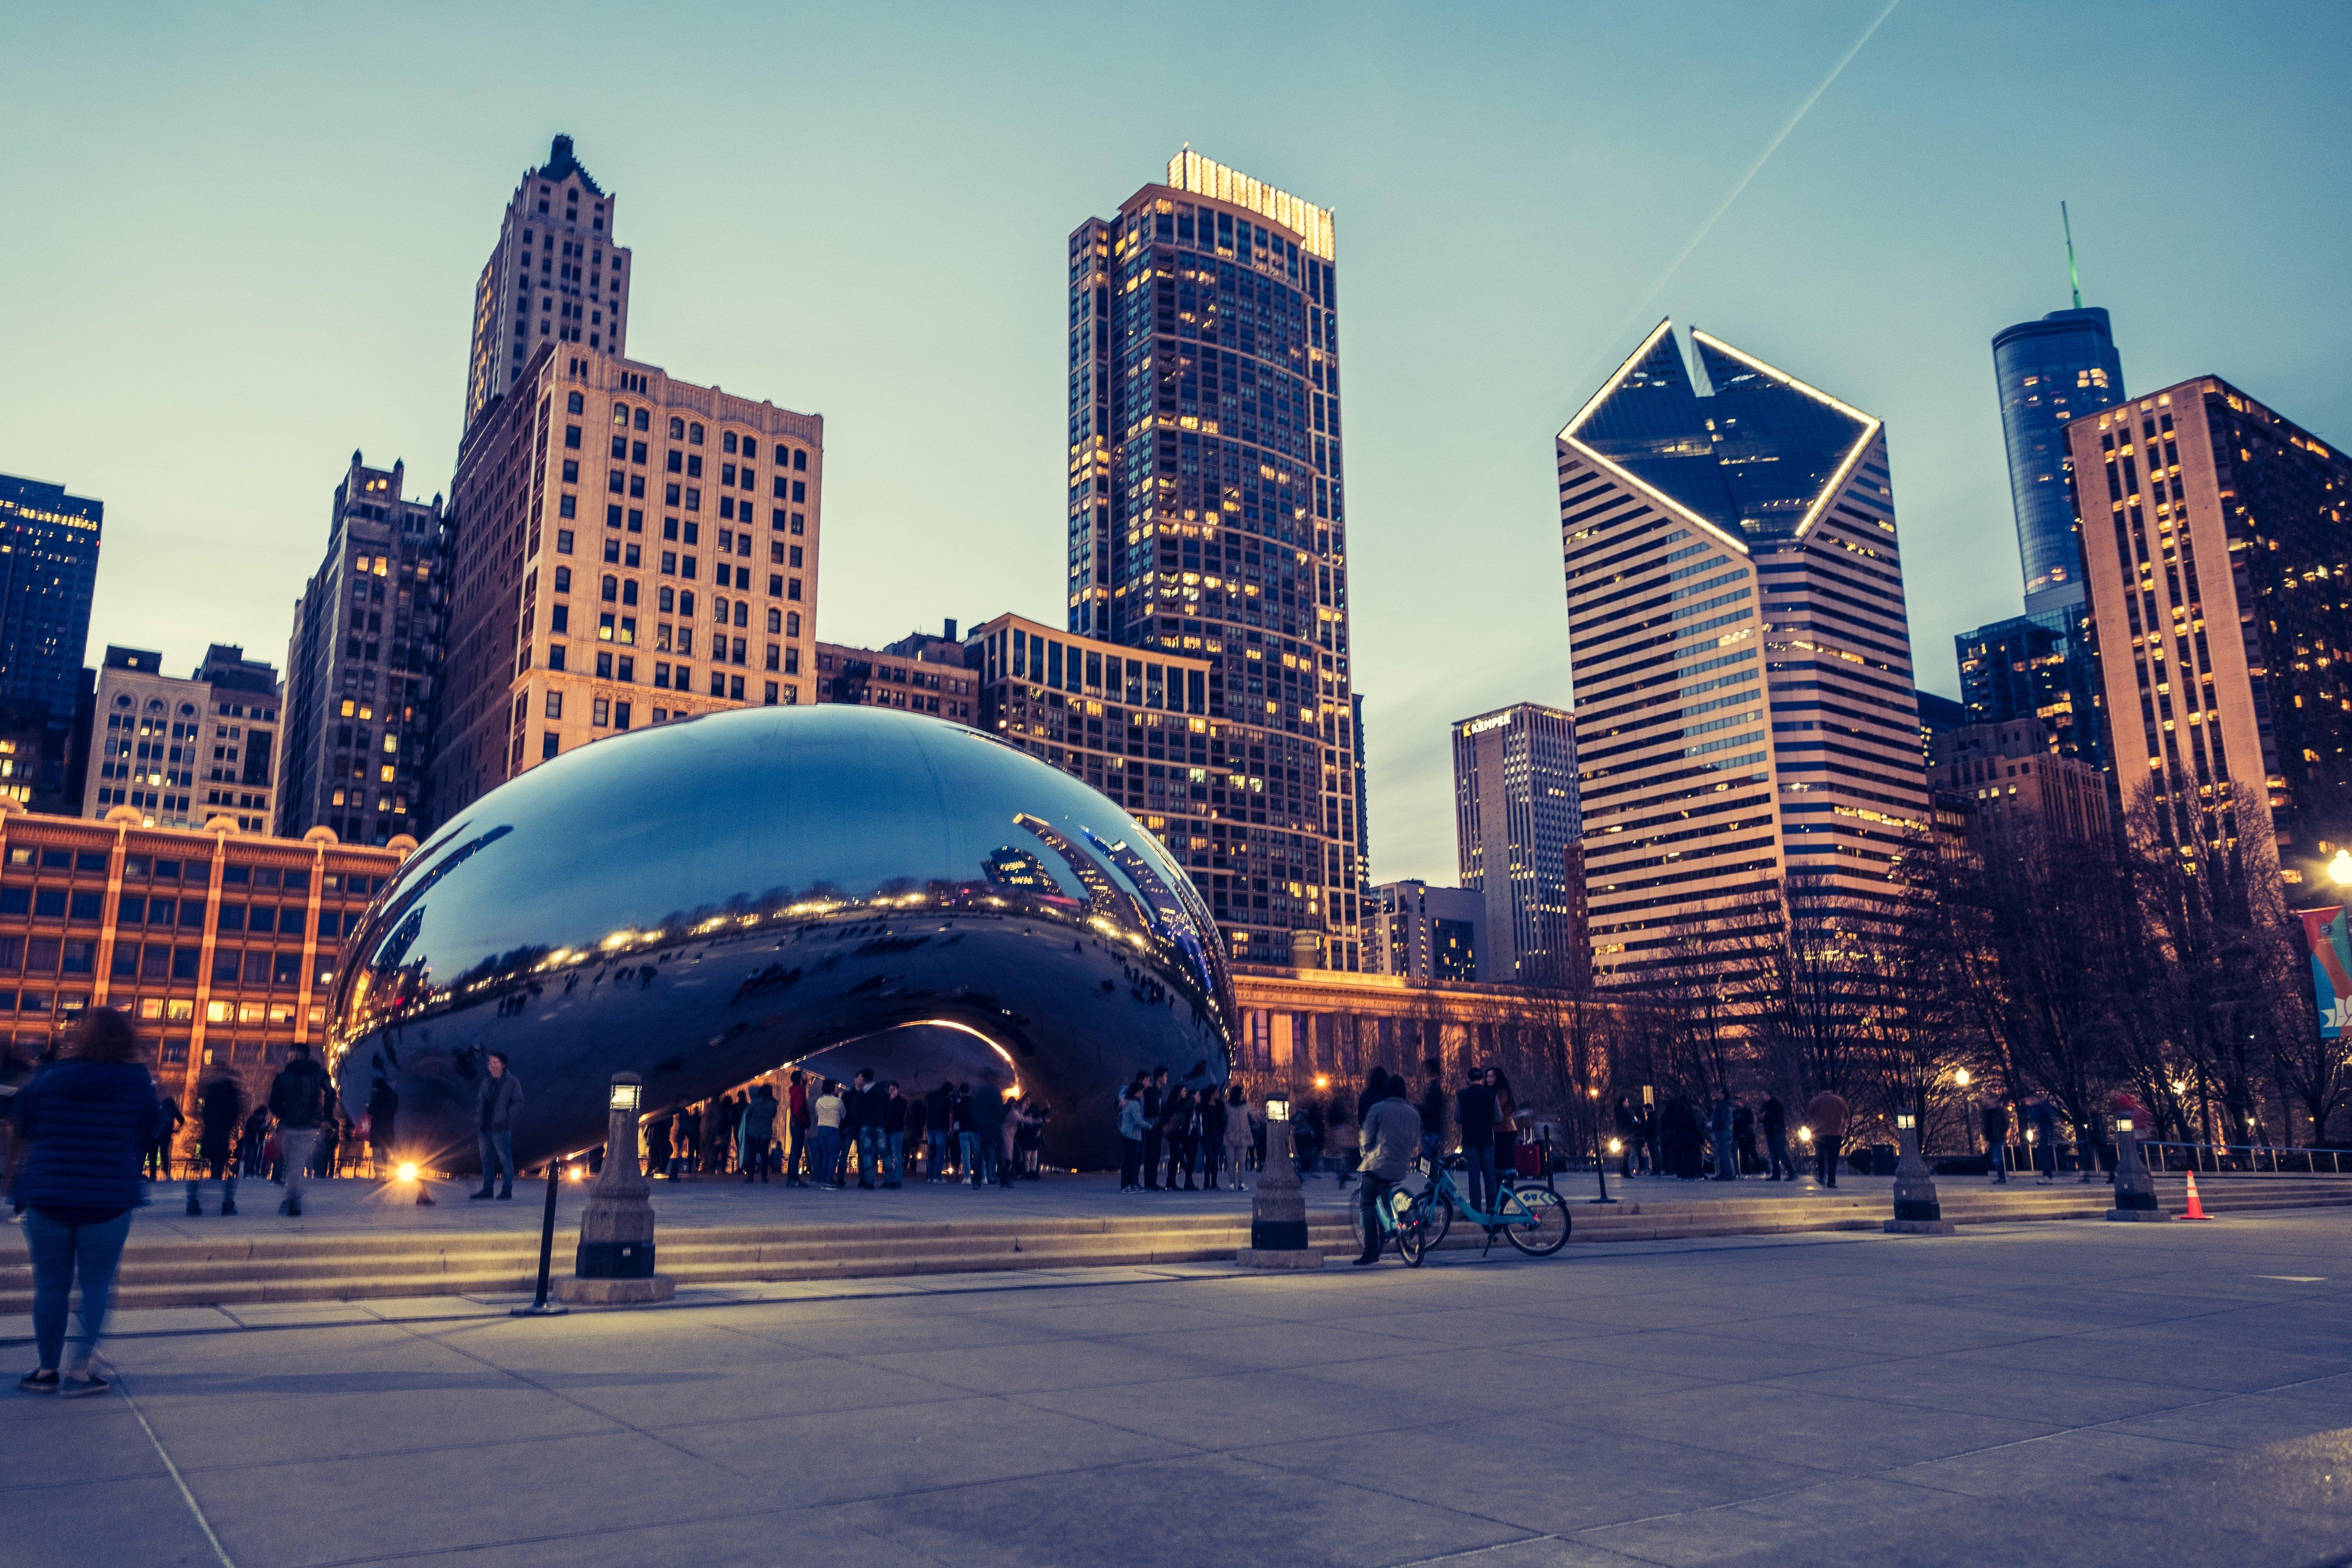 En jeremiasbeltran.com somos especialistas en el diseño de página web en Chicago, el tema de el posicionamiento web nos apasiona de modo que hemos entregado nuestra dedicación a formar una cartera de clientes que respaldan nuestro trabajo.